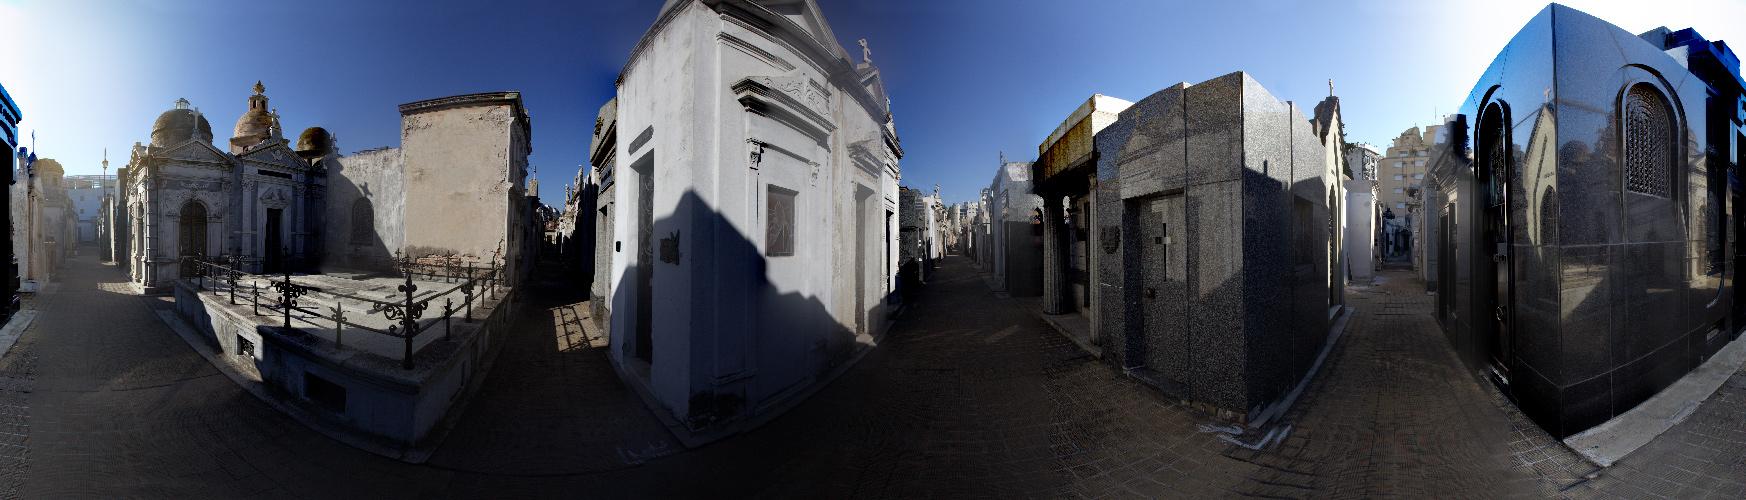 Cementerio de la Recoleta 360°